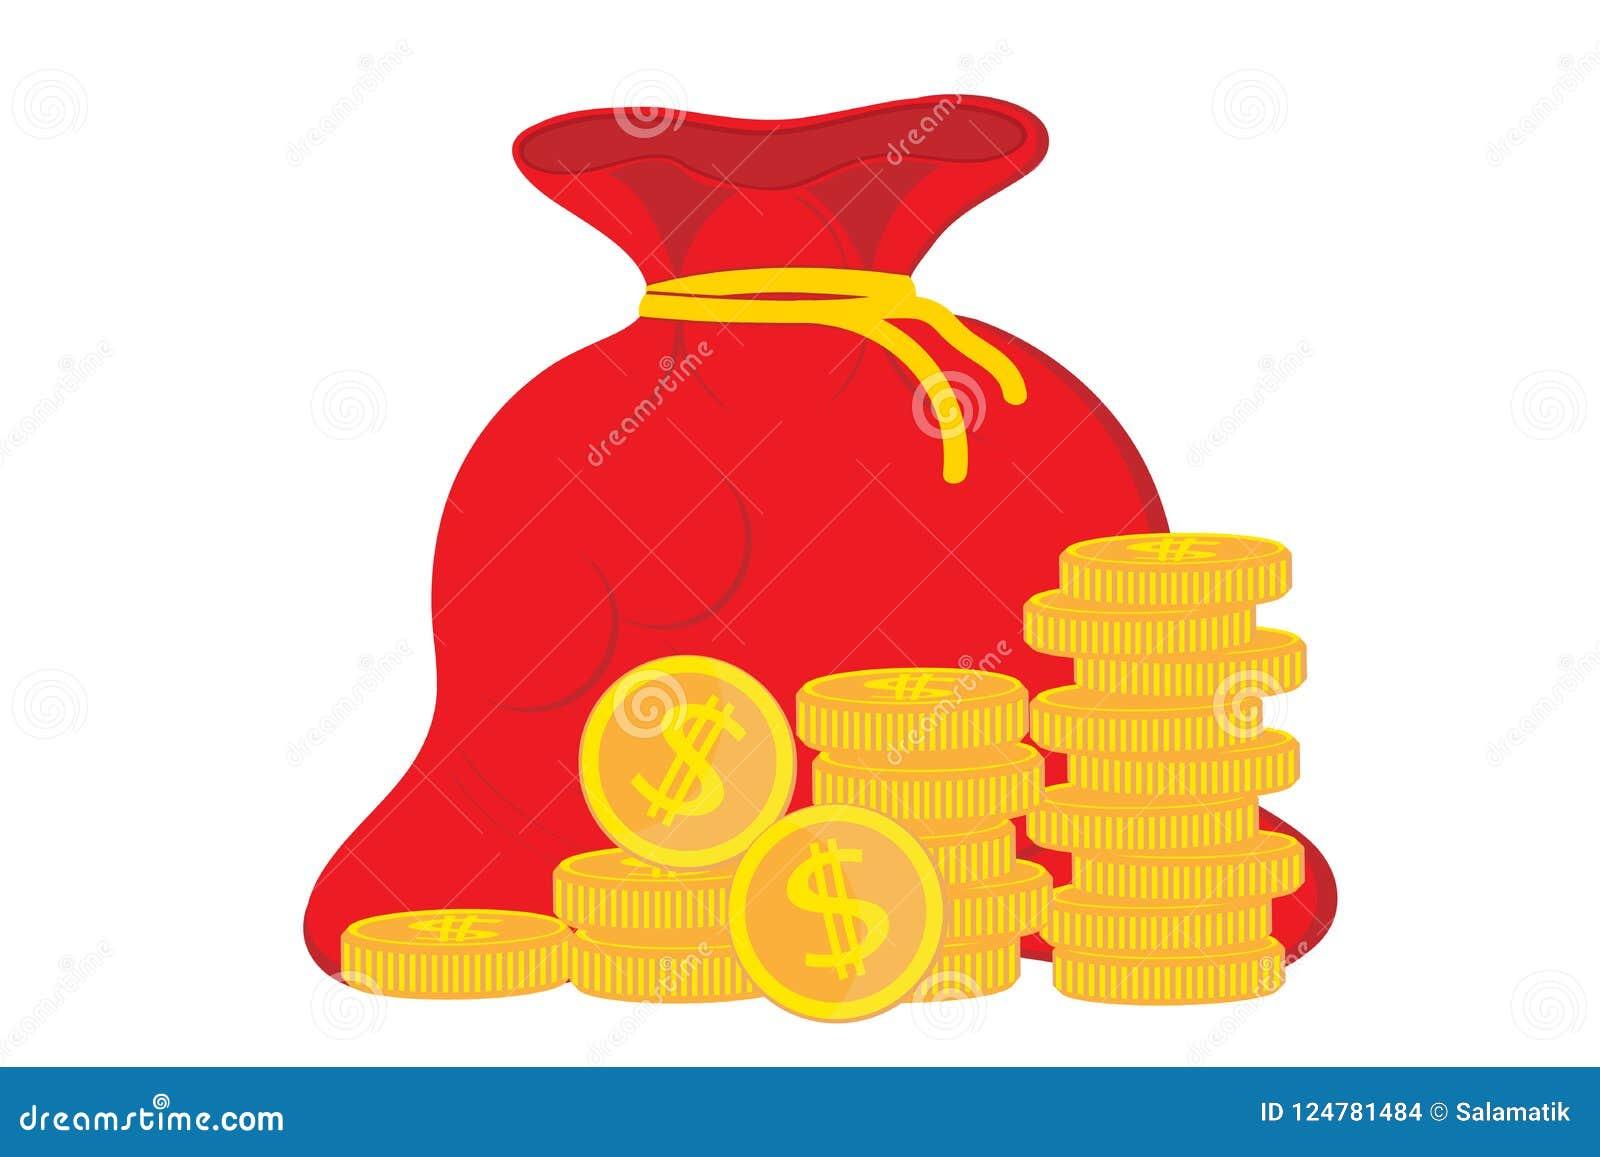 Деньги выгоды Концепция роста успеха в бизнесе, экономических или рынка Сумка денег, доход, запас Мешок значка плоско простой Век